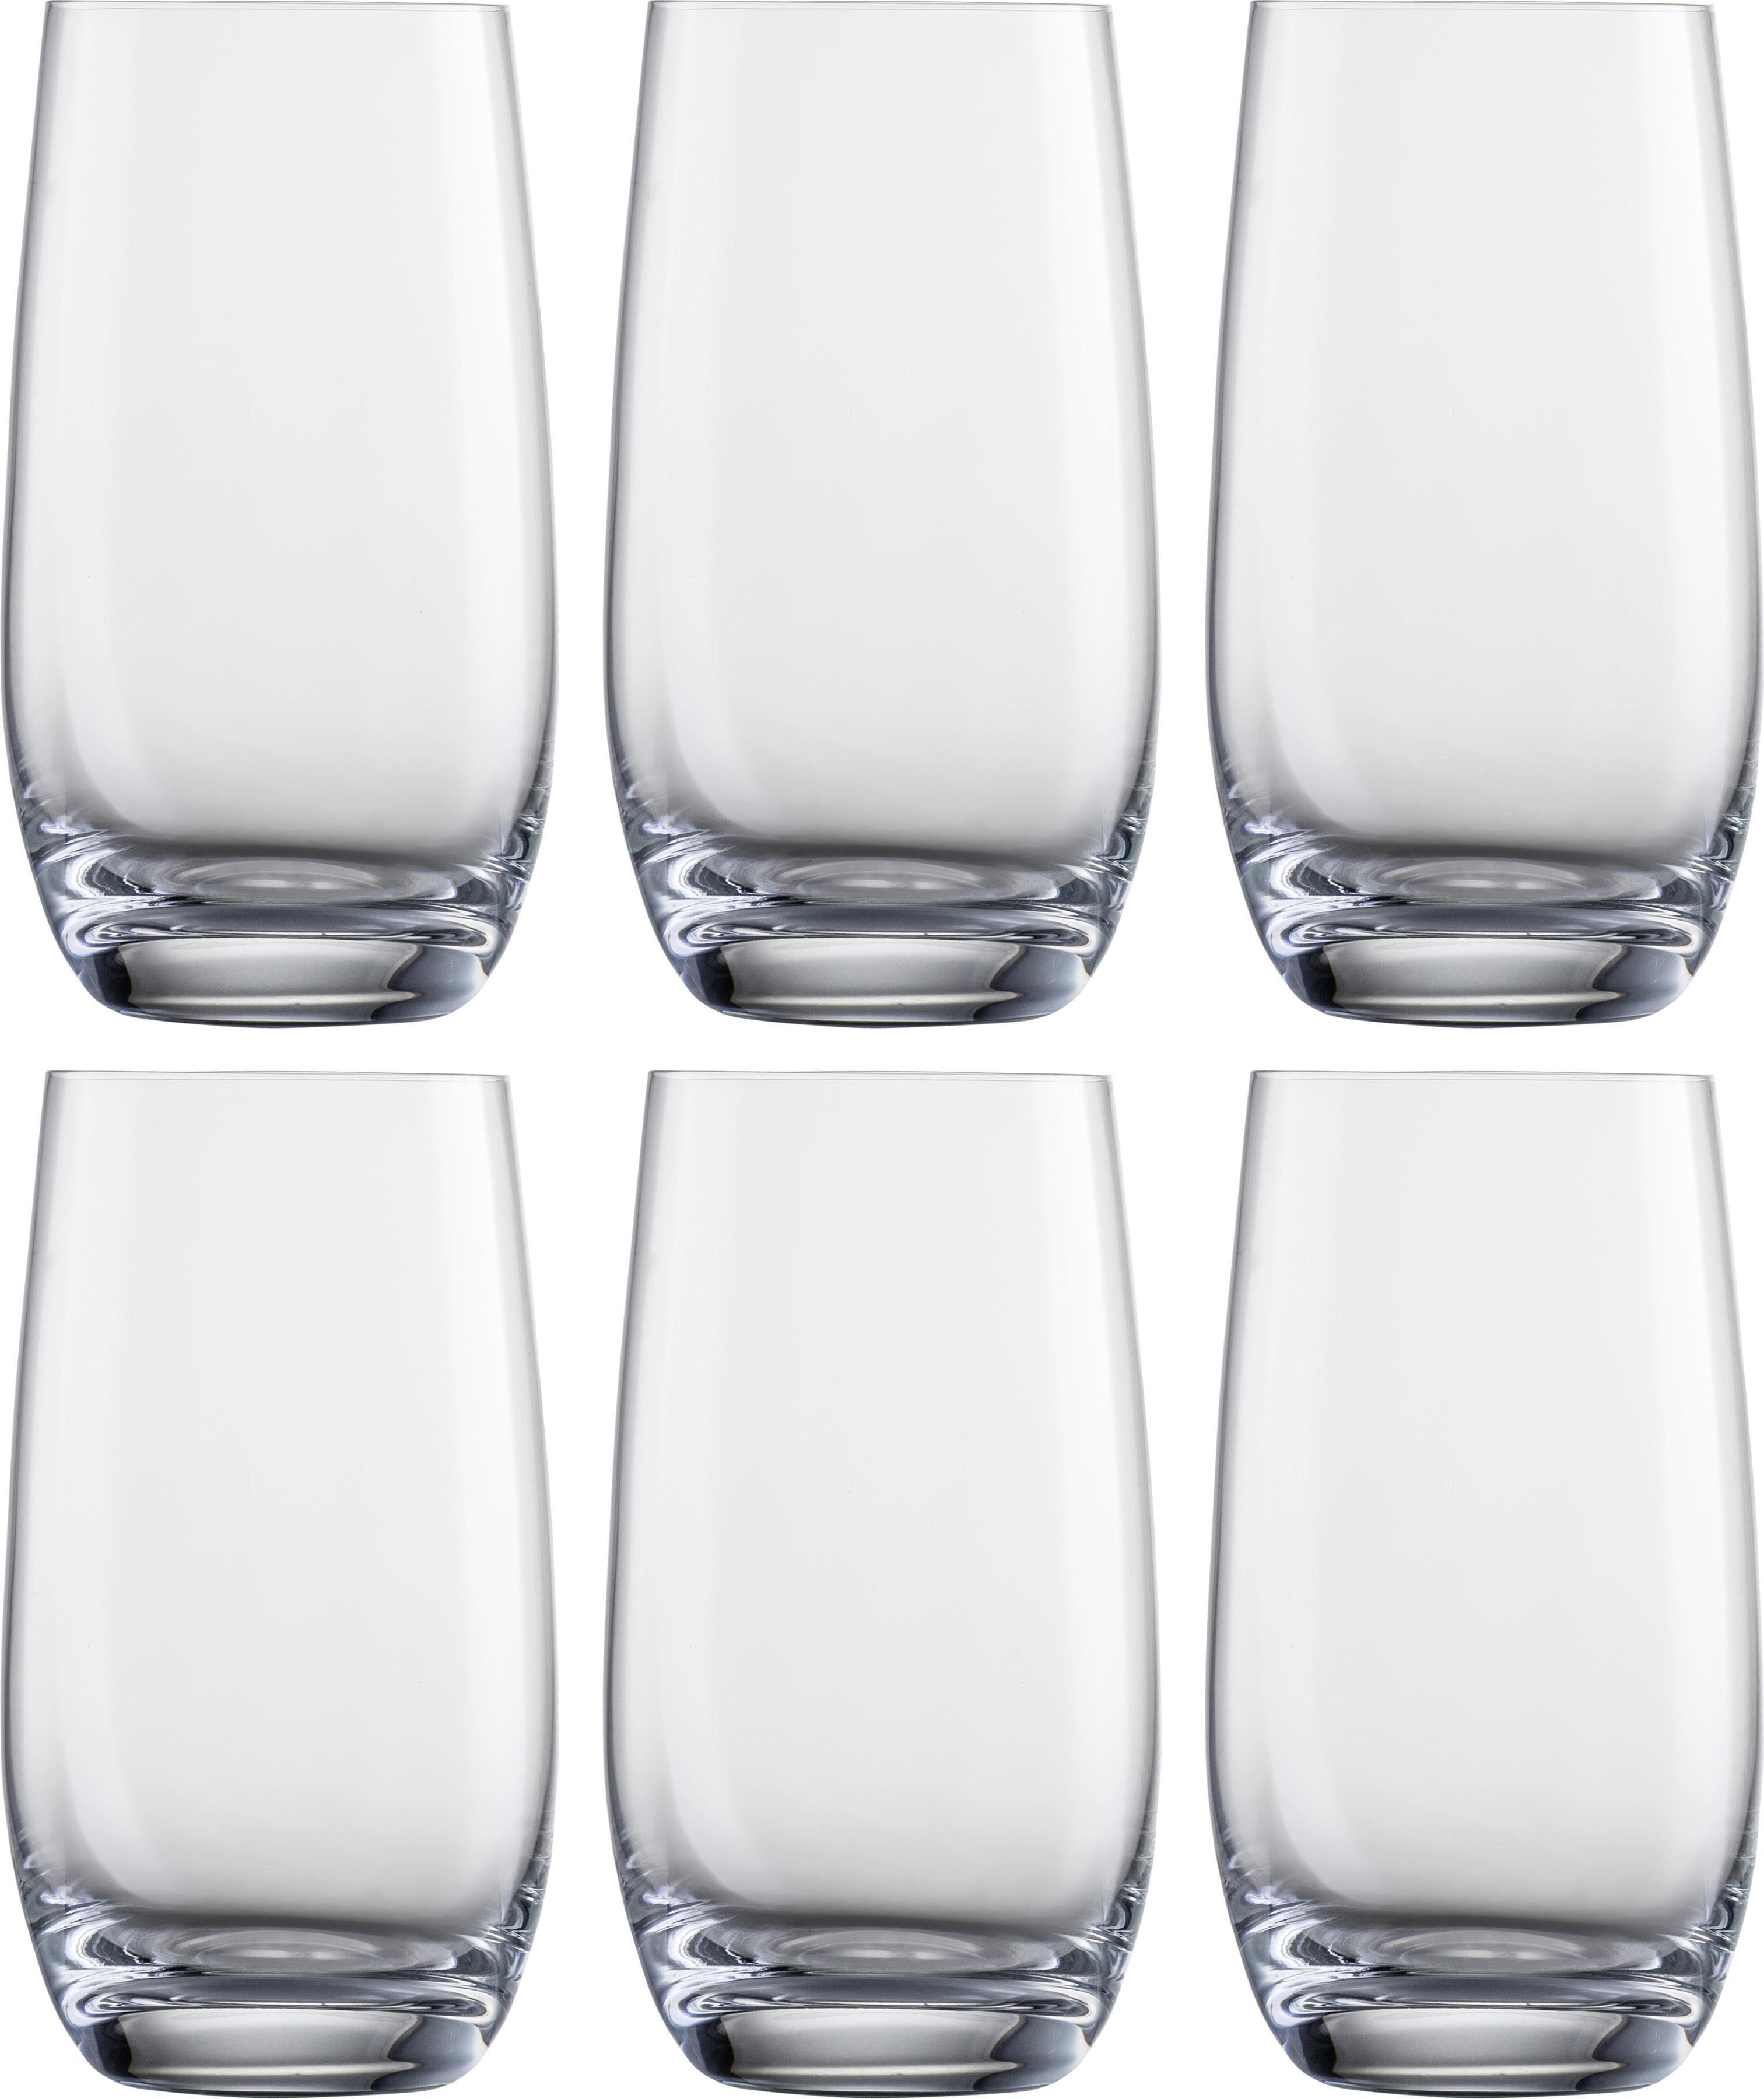 Eisch Becher Becher, (Set, 6 tlg.), bleifreies Kristallglas, 350 ml farblos Kristallgläser Gläser Glaswaren Haushaltswaren